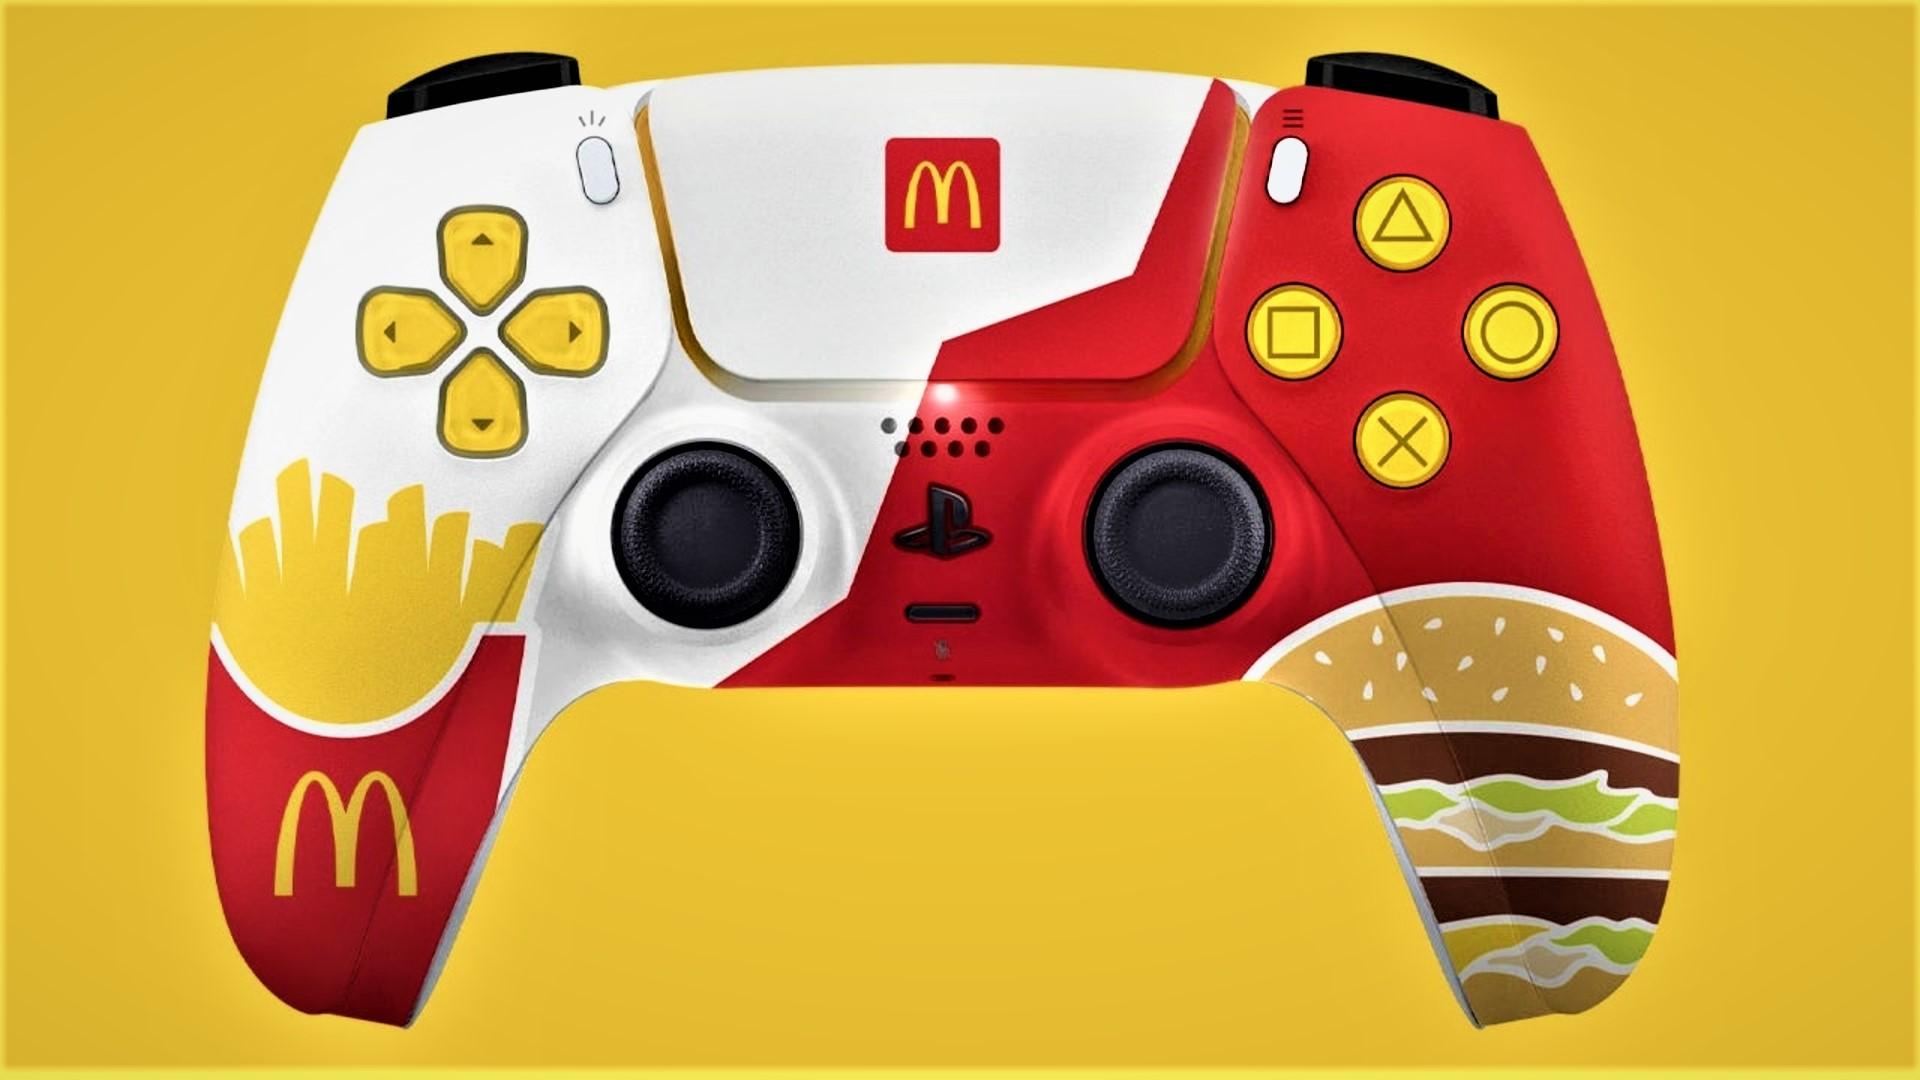 Ovládač k PlayStation 5 od McDonald's.